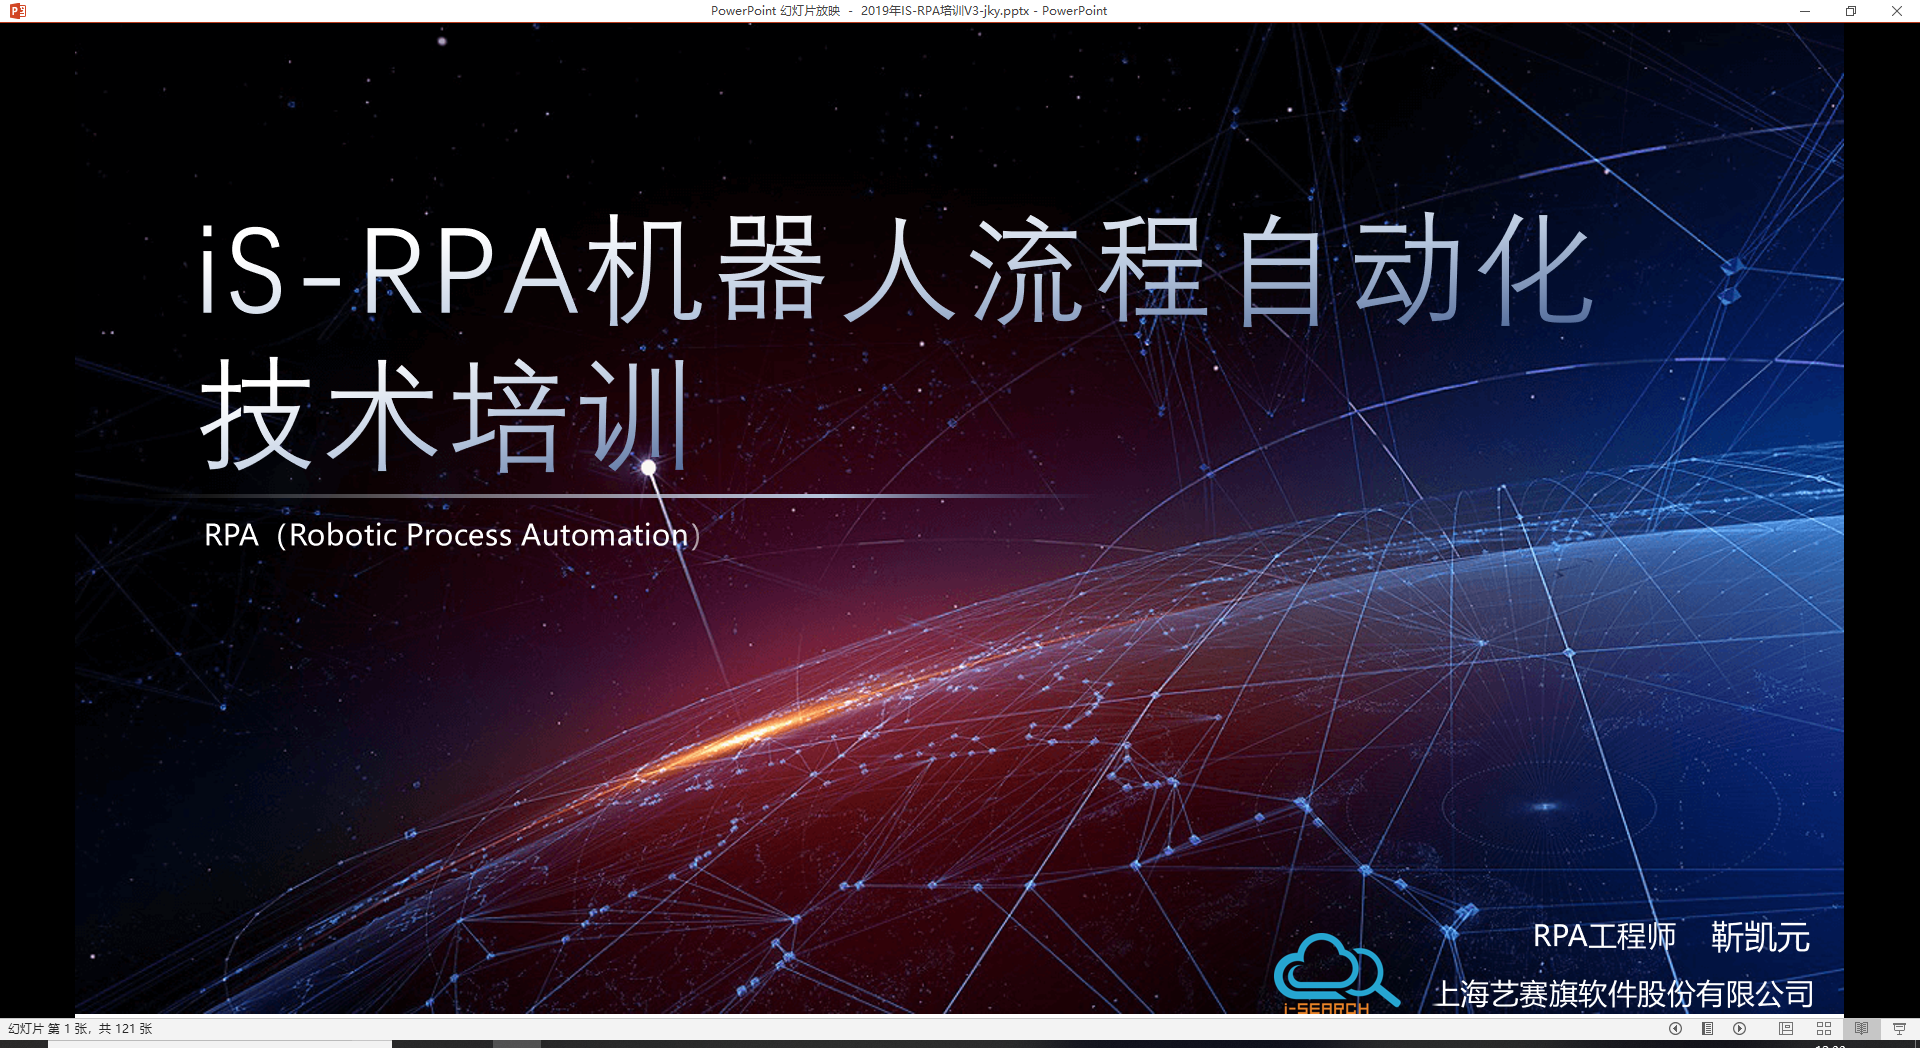 iS-RPA 技术认证培训 - 深圳 20190605 班 - 培训开始